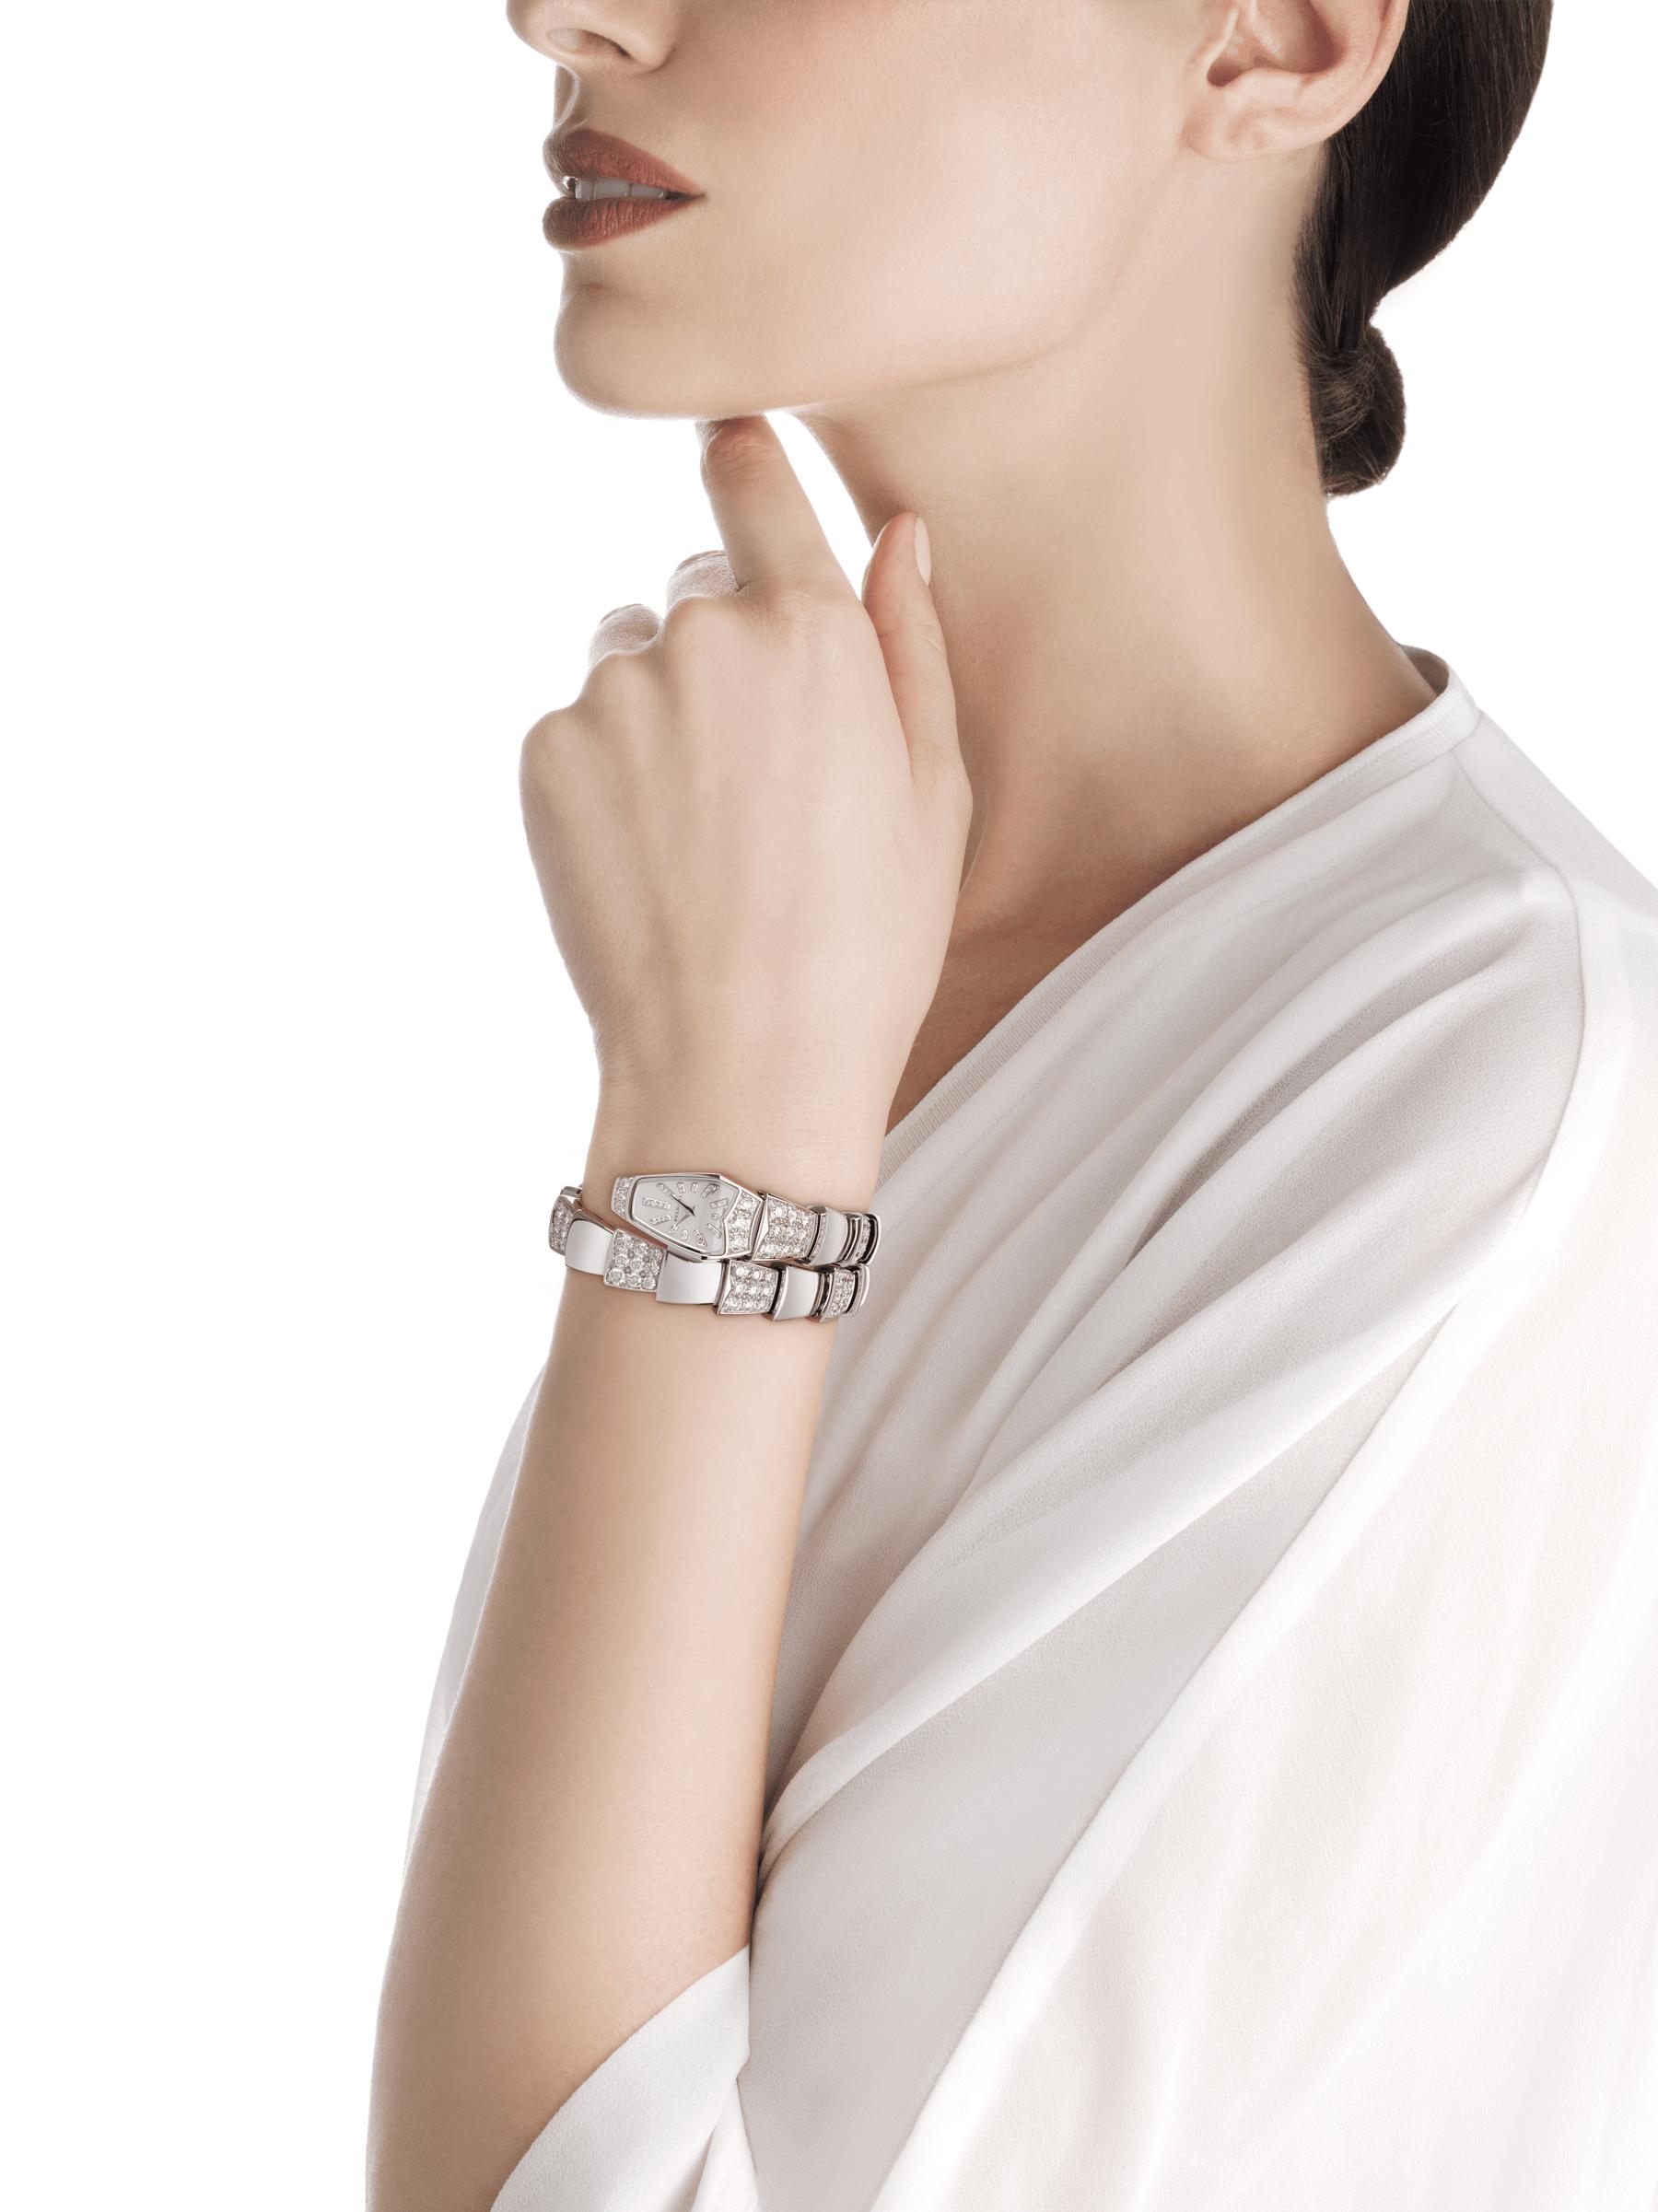 Relógio de Joalheria Serpenti com caixa e pulseira de uma volta em ouro branco 18K cravejadas com diamantes lapidação brilhante, mostrador em madrepérola branca e índices de diamante. 101787 image 3